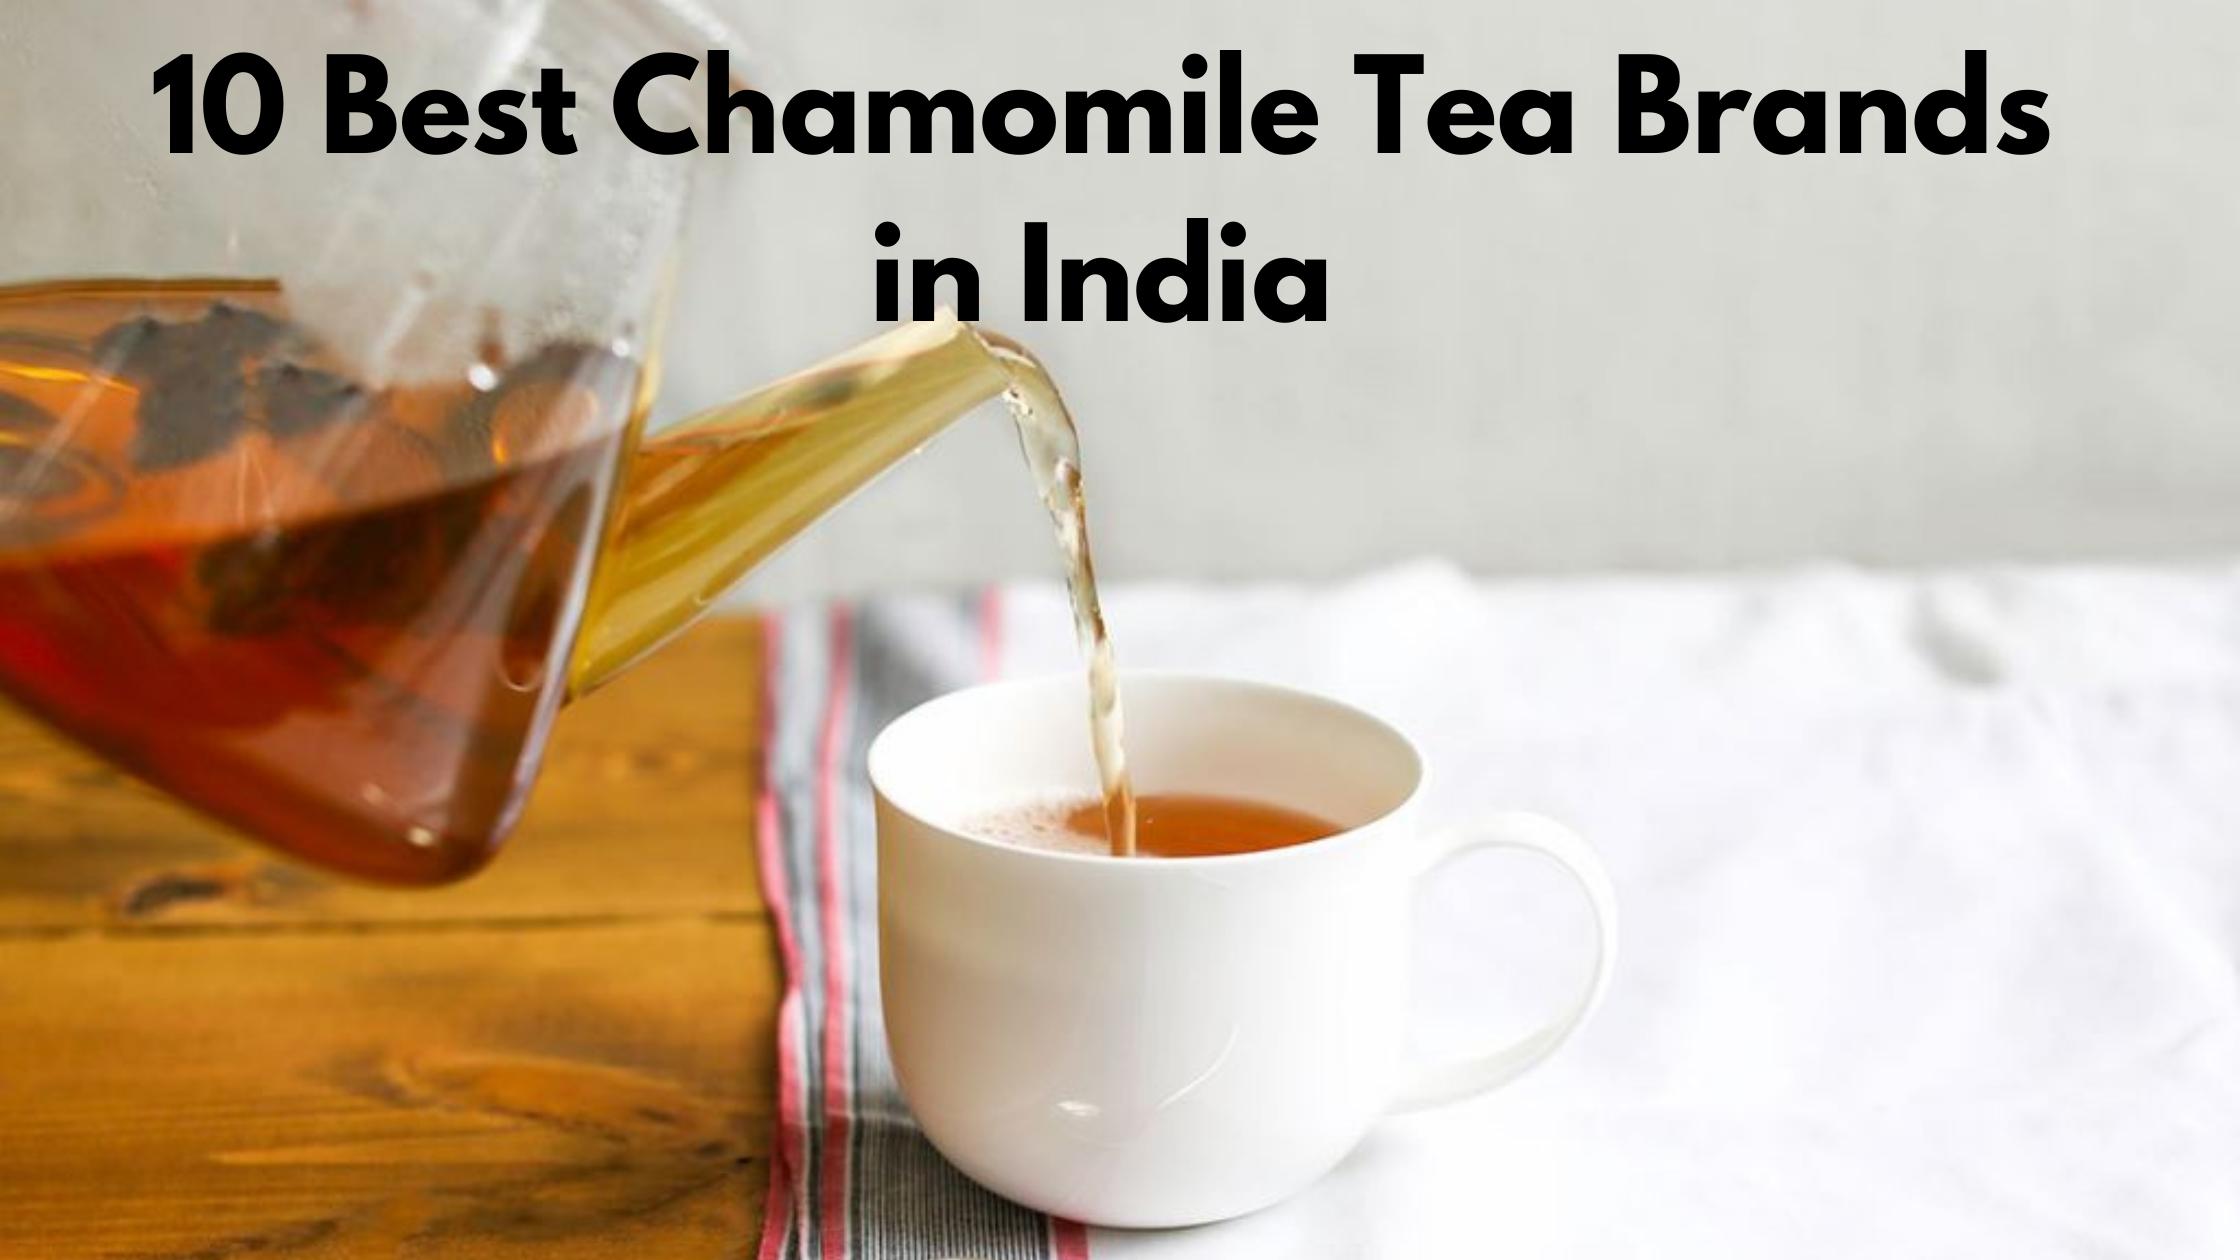 10 Best Chamomile Tea Brands in India- Top Picks in 2020